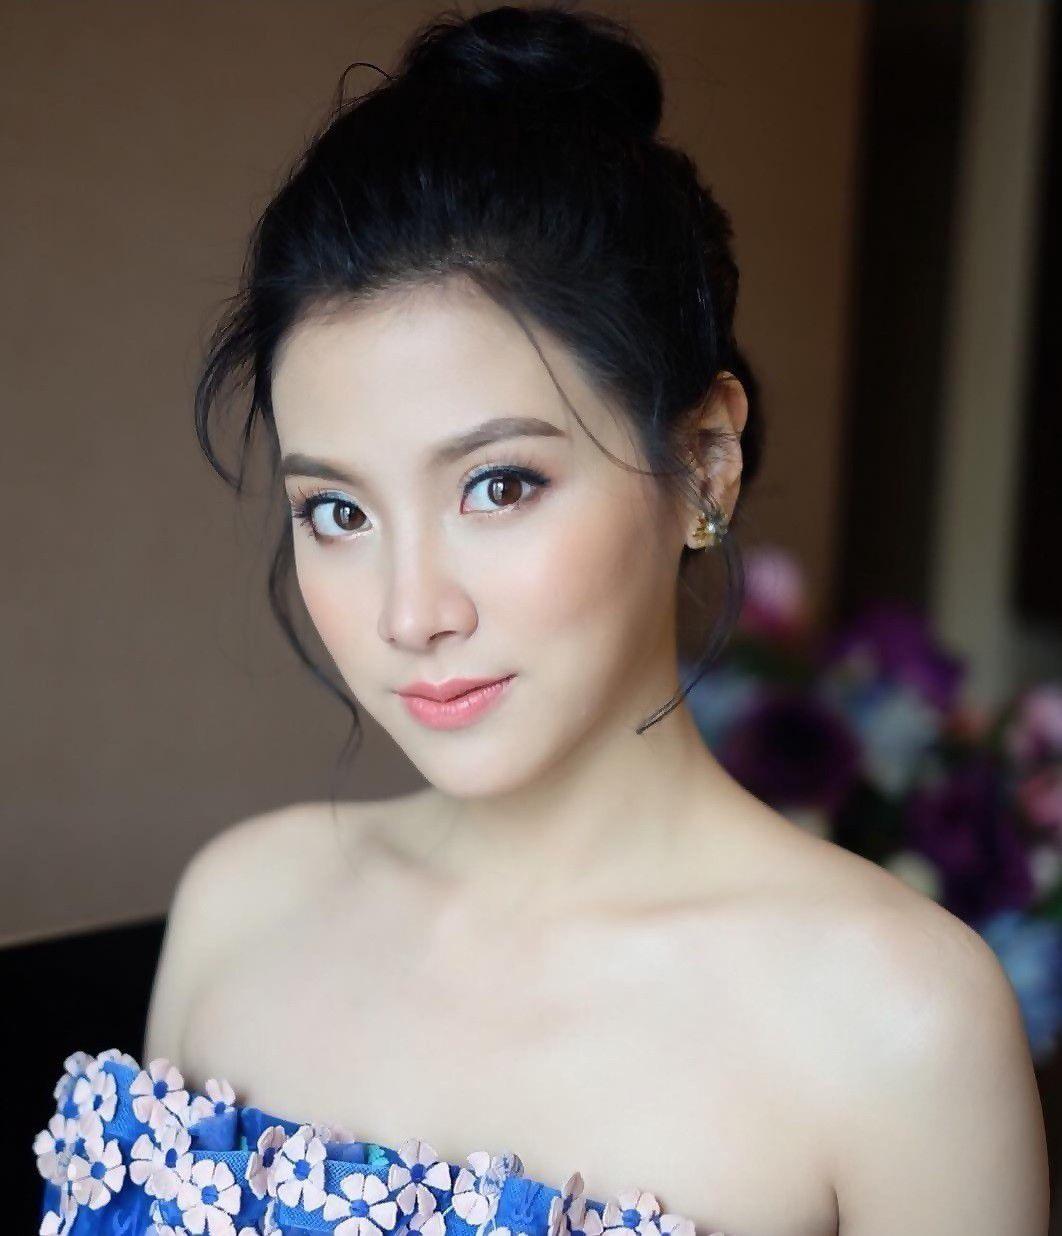 Top sao nữ đình đám Thái Lan có mũi đẹp nhất khiến chị em ghen tị (13)